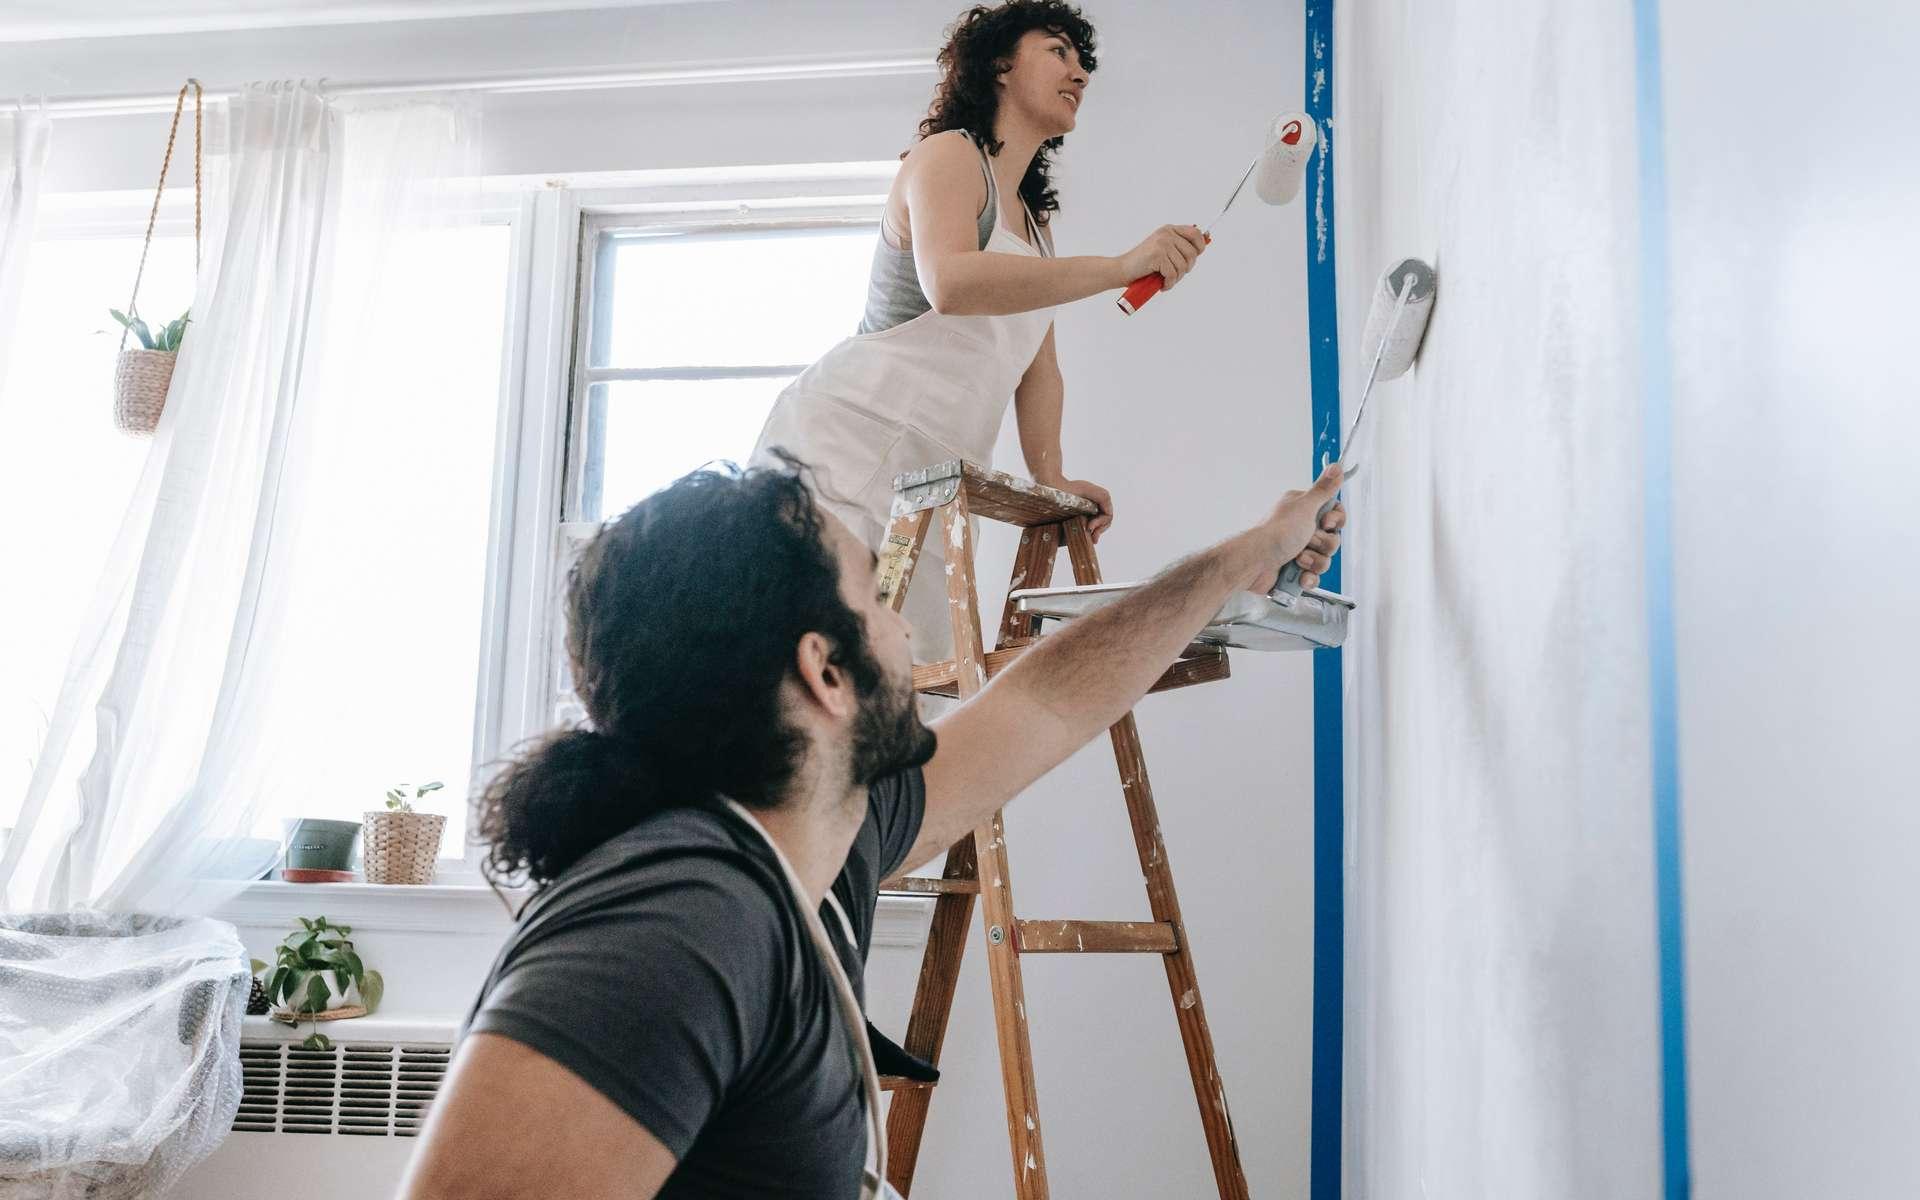 Des solutions de financement existent pour réaliser travaux de rafraîchissement ou gros travaux de rénovation de la maison. © Blue Bird, Pexels